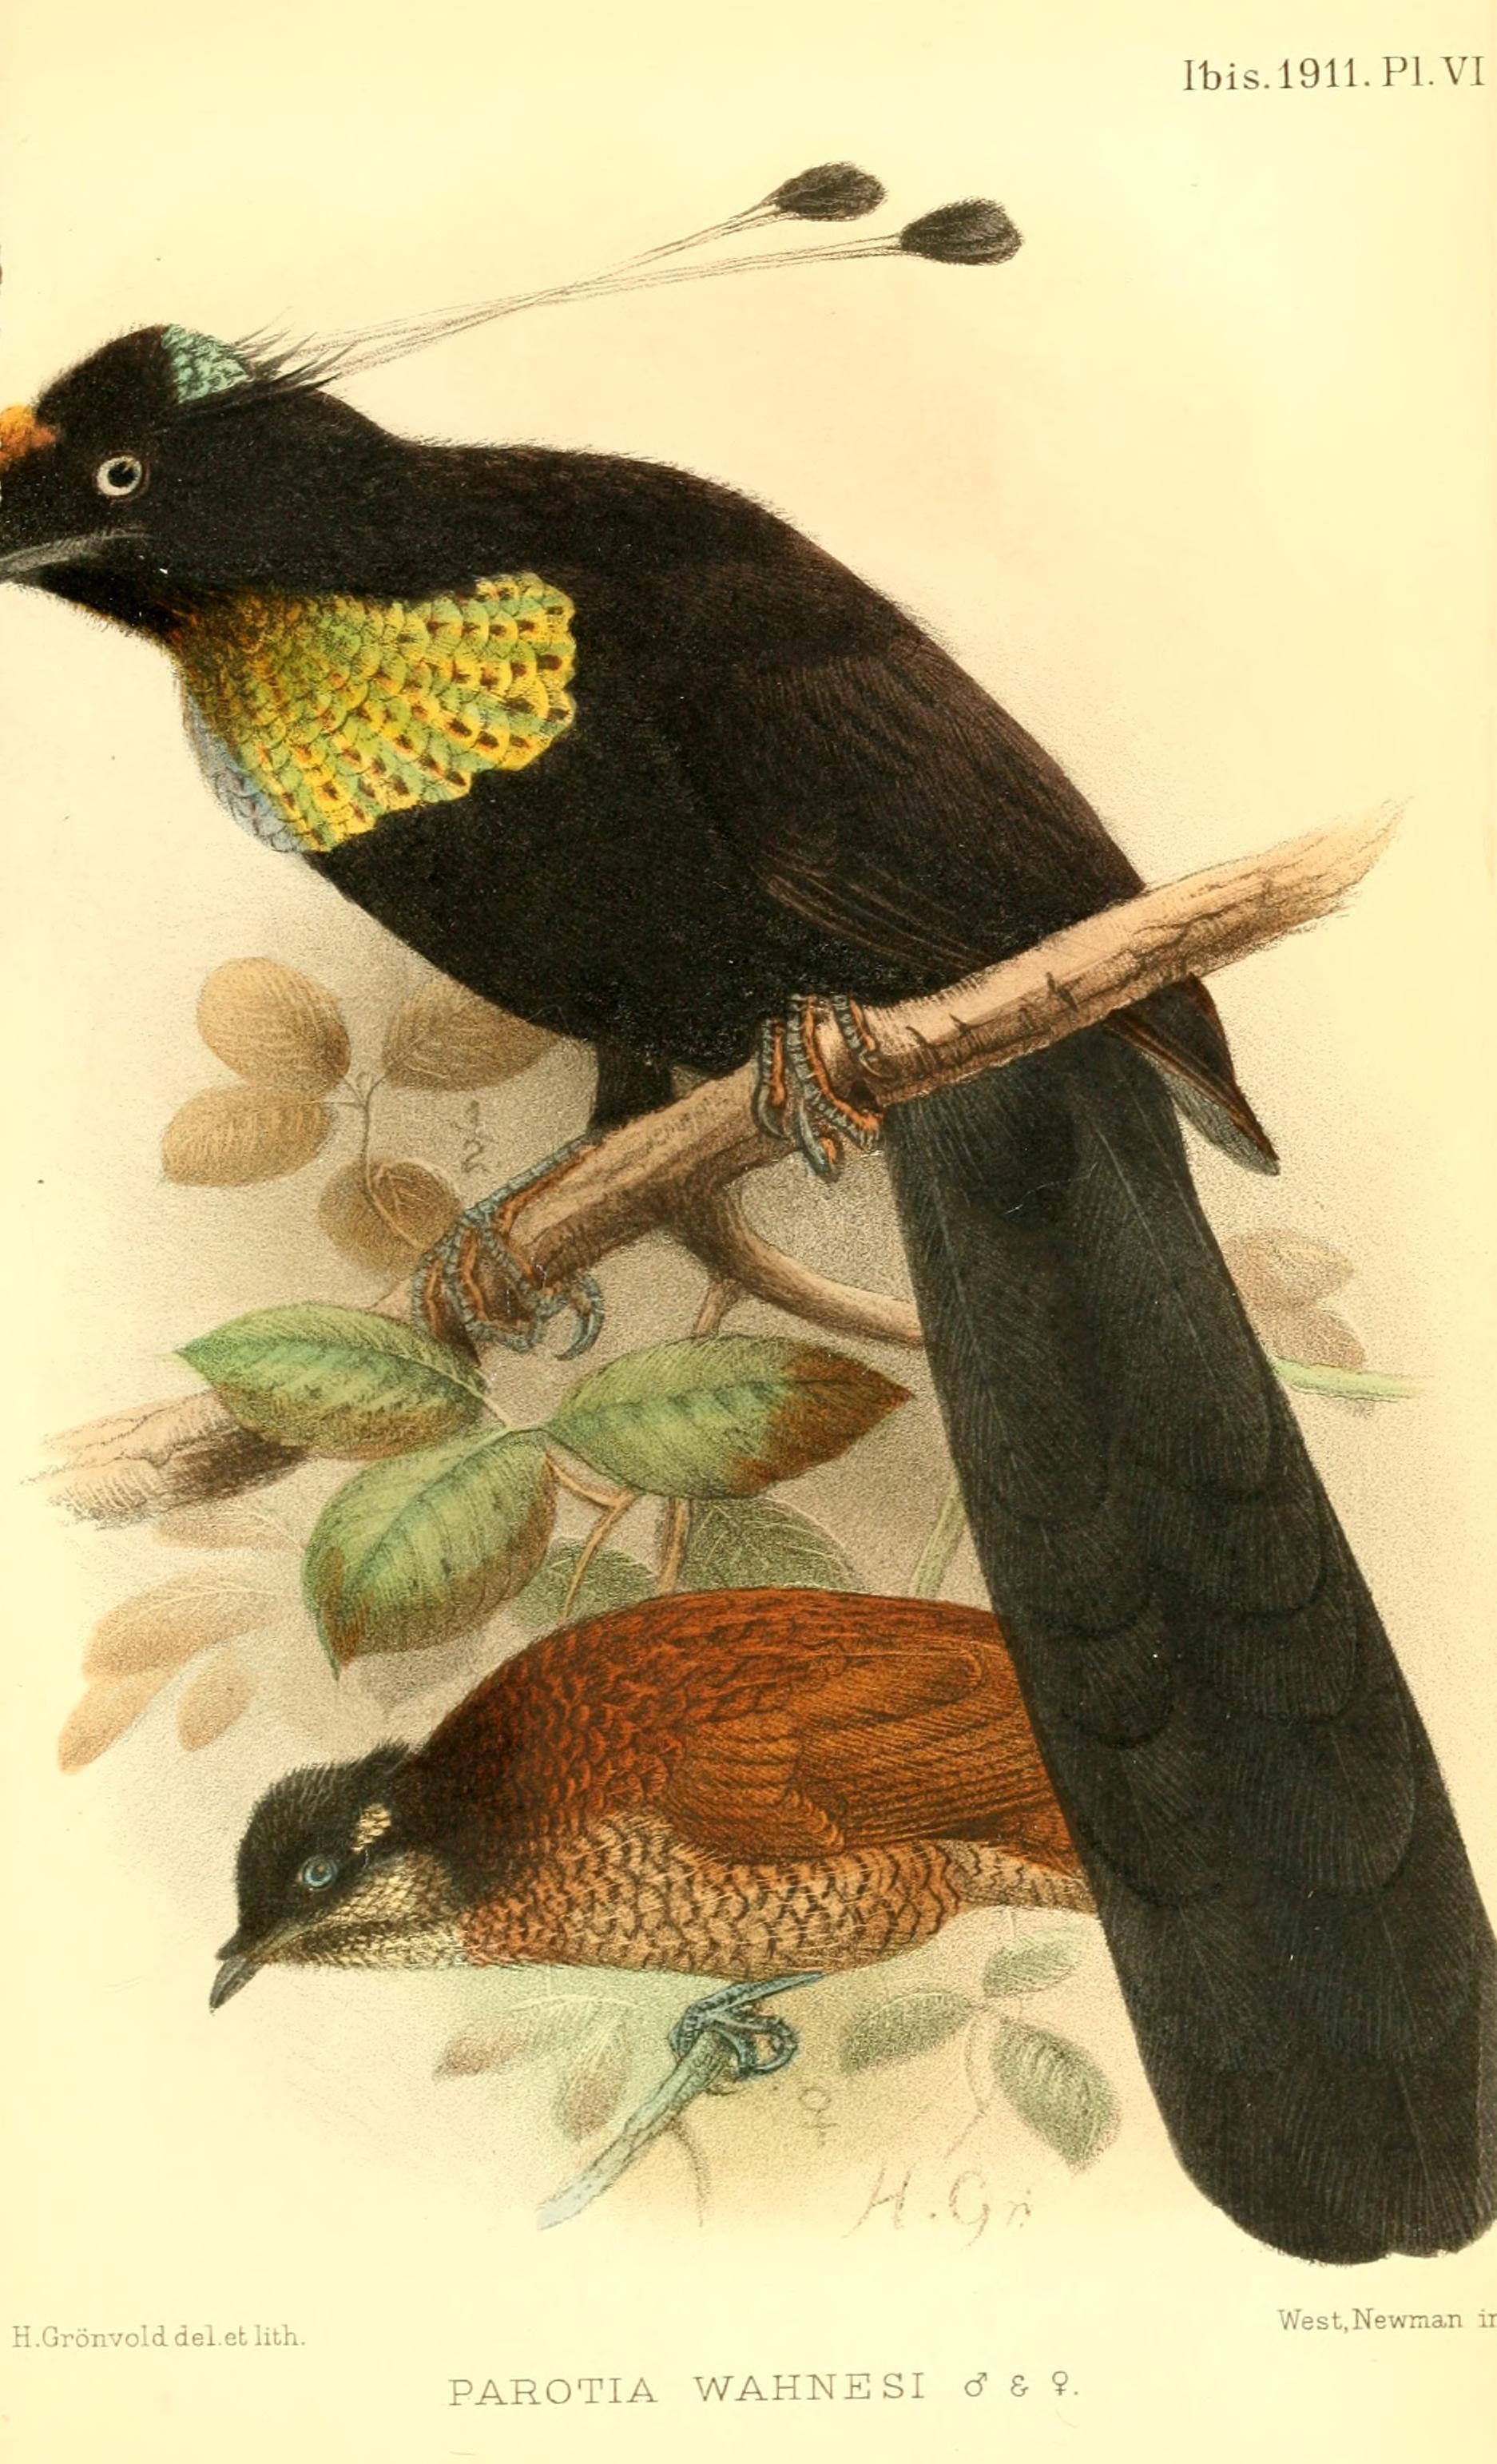 Image of Wahnes's Parotia